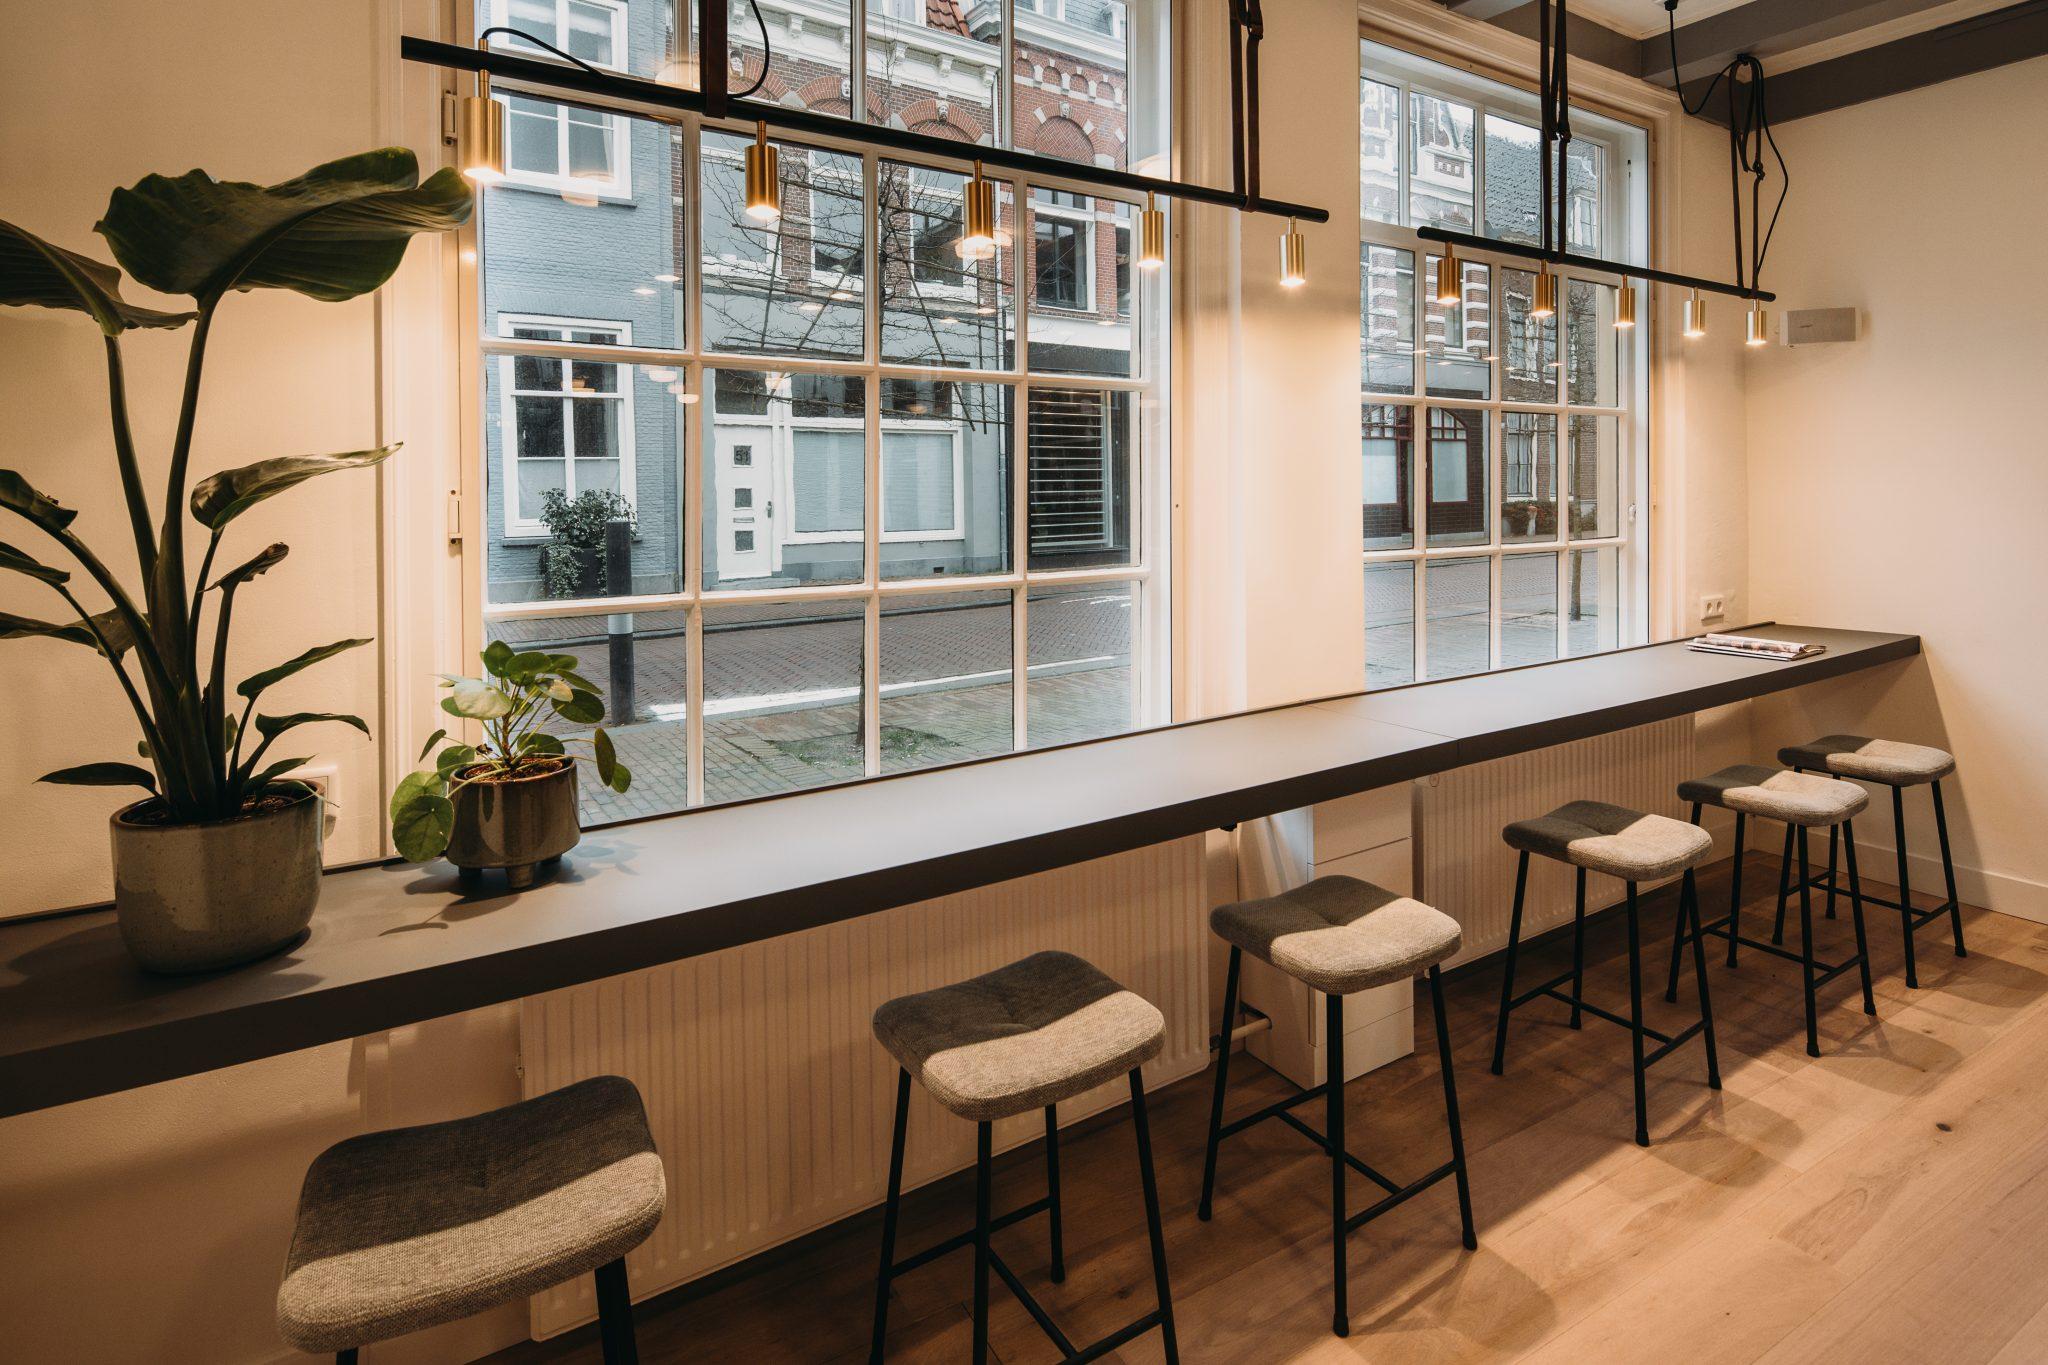 Werkplekken straatzijde in café van het Noord-Hollands Archief te Haarlem